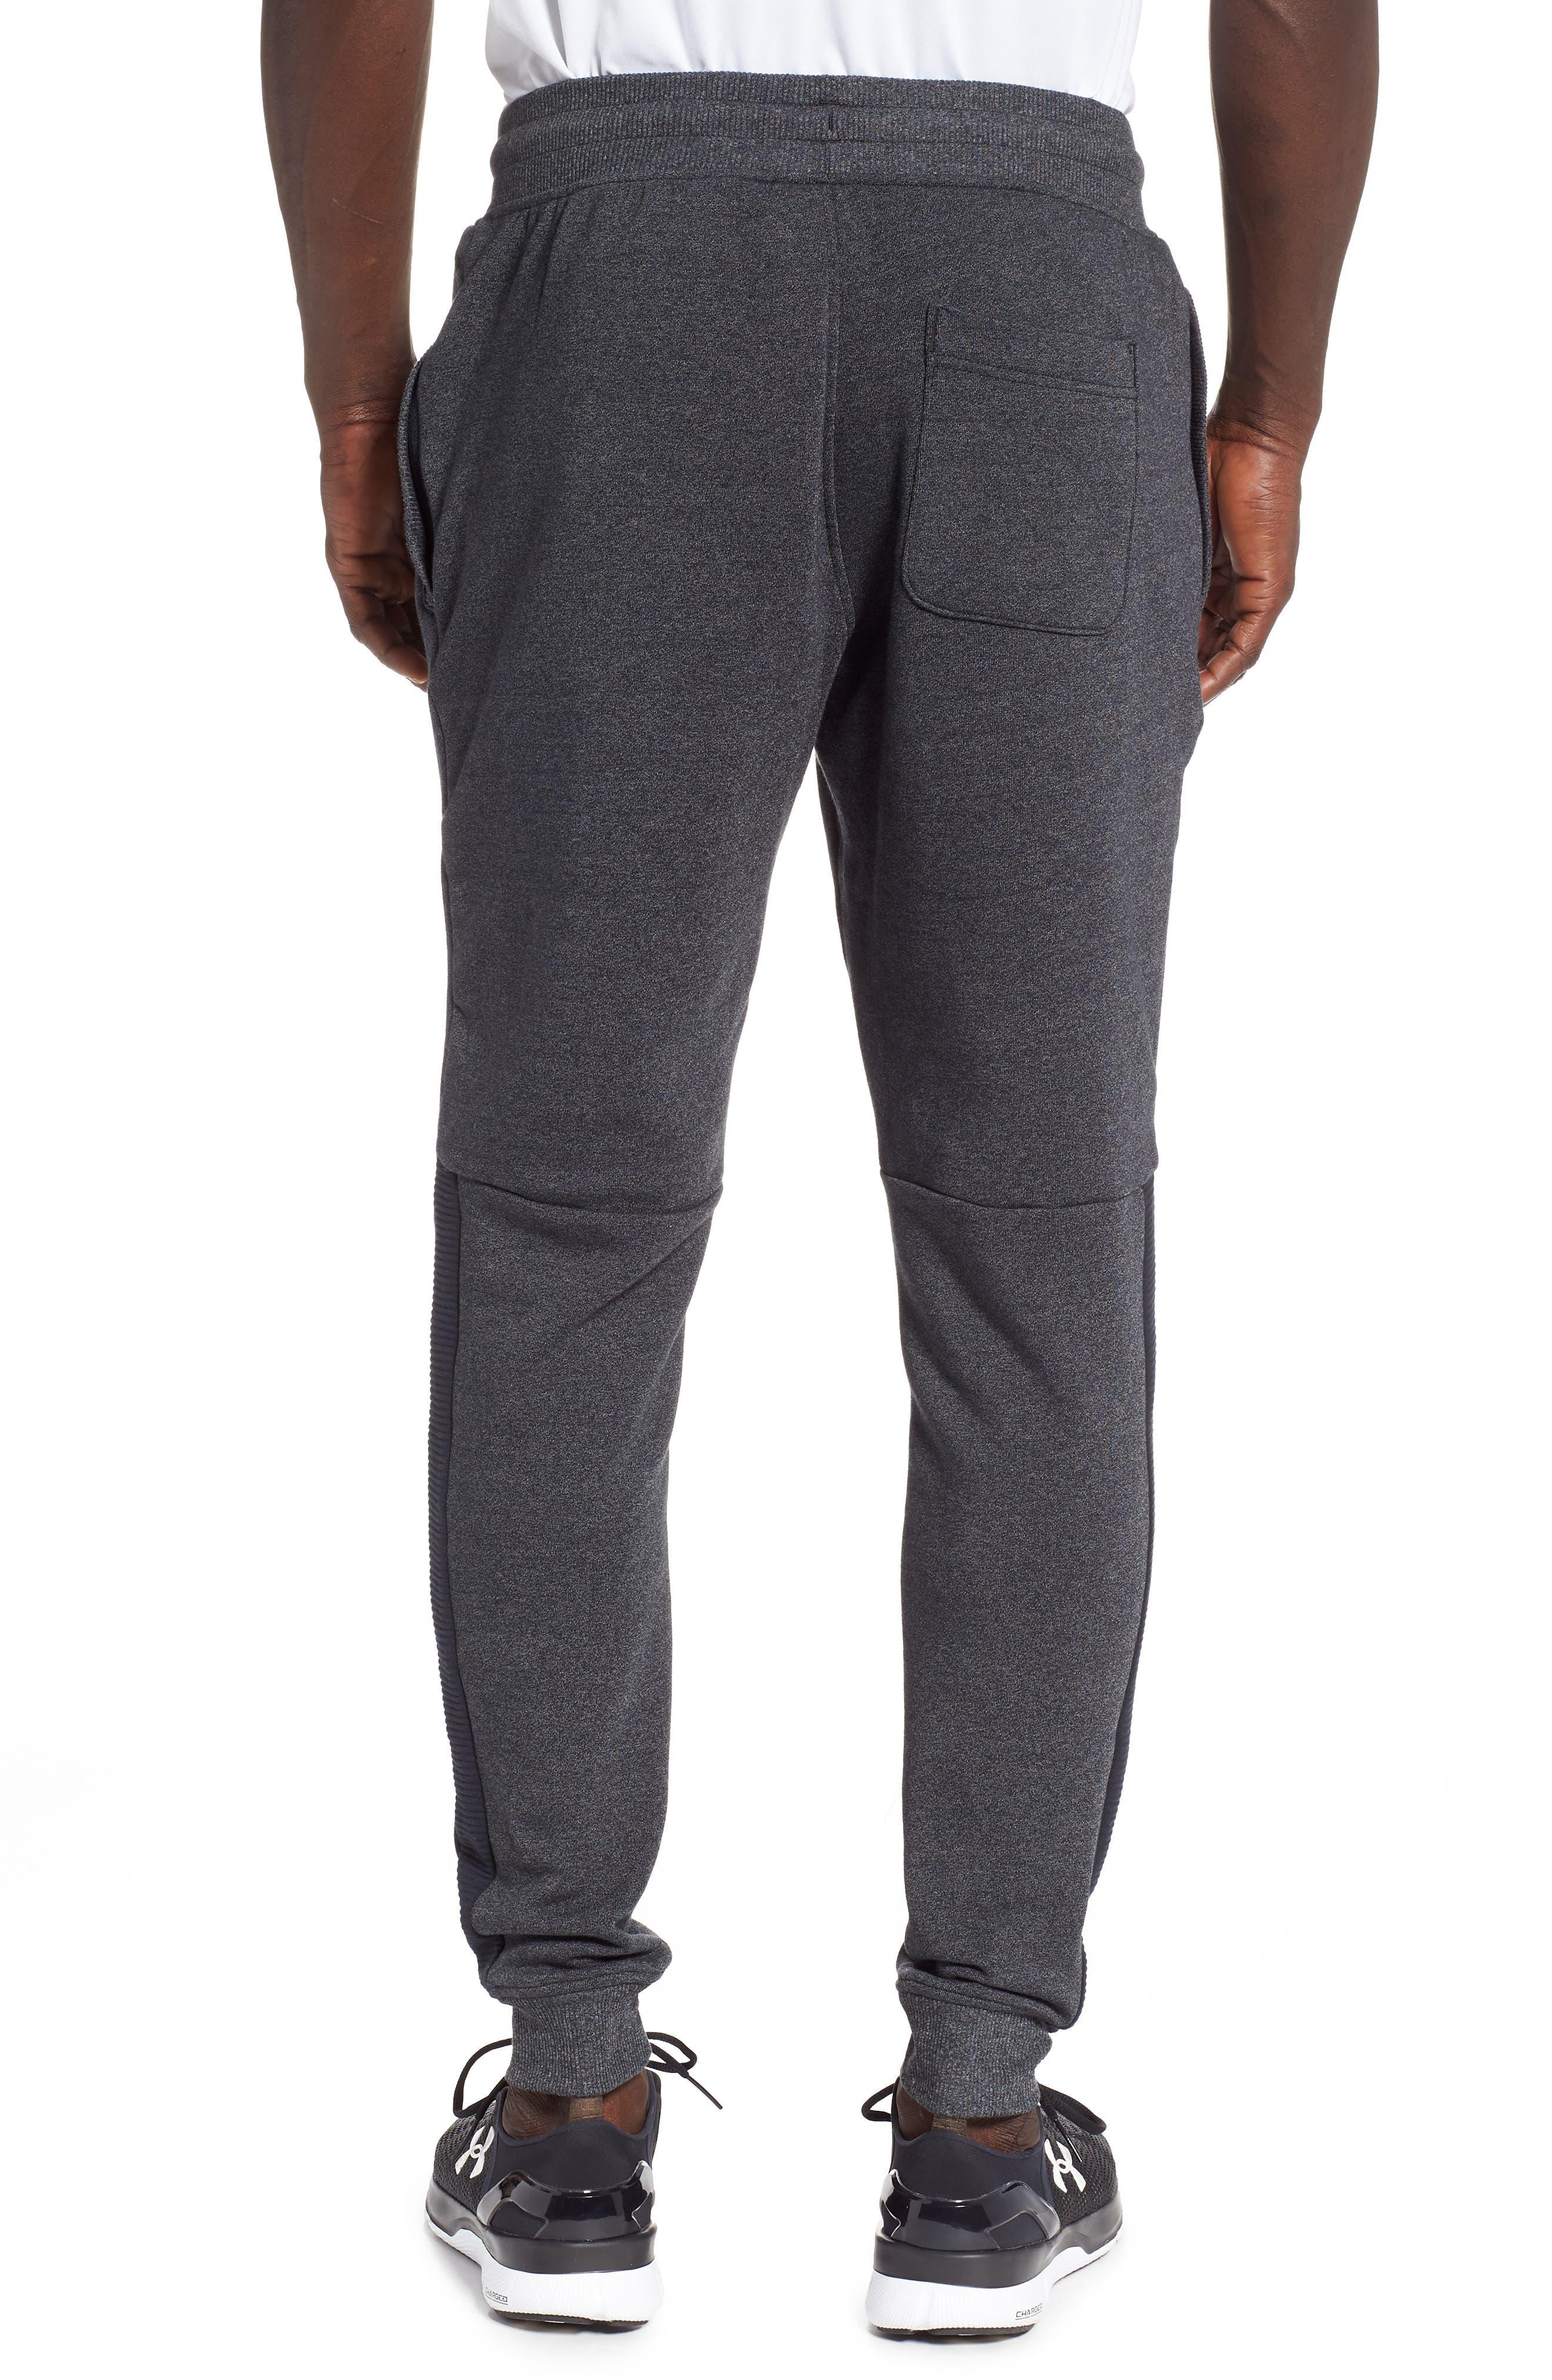 Threadborne Jogger Pants,                             Alternate thumbnail 2, color,                             BLACK/ BLACK